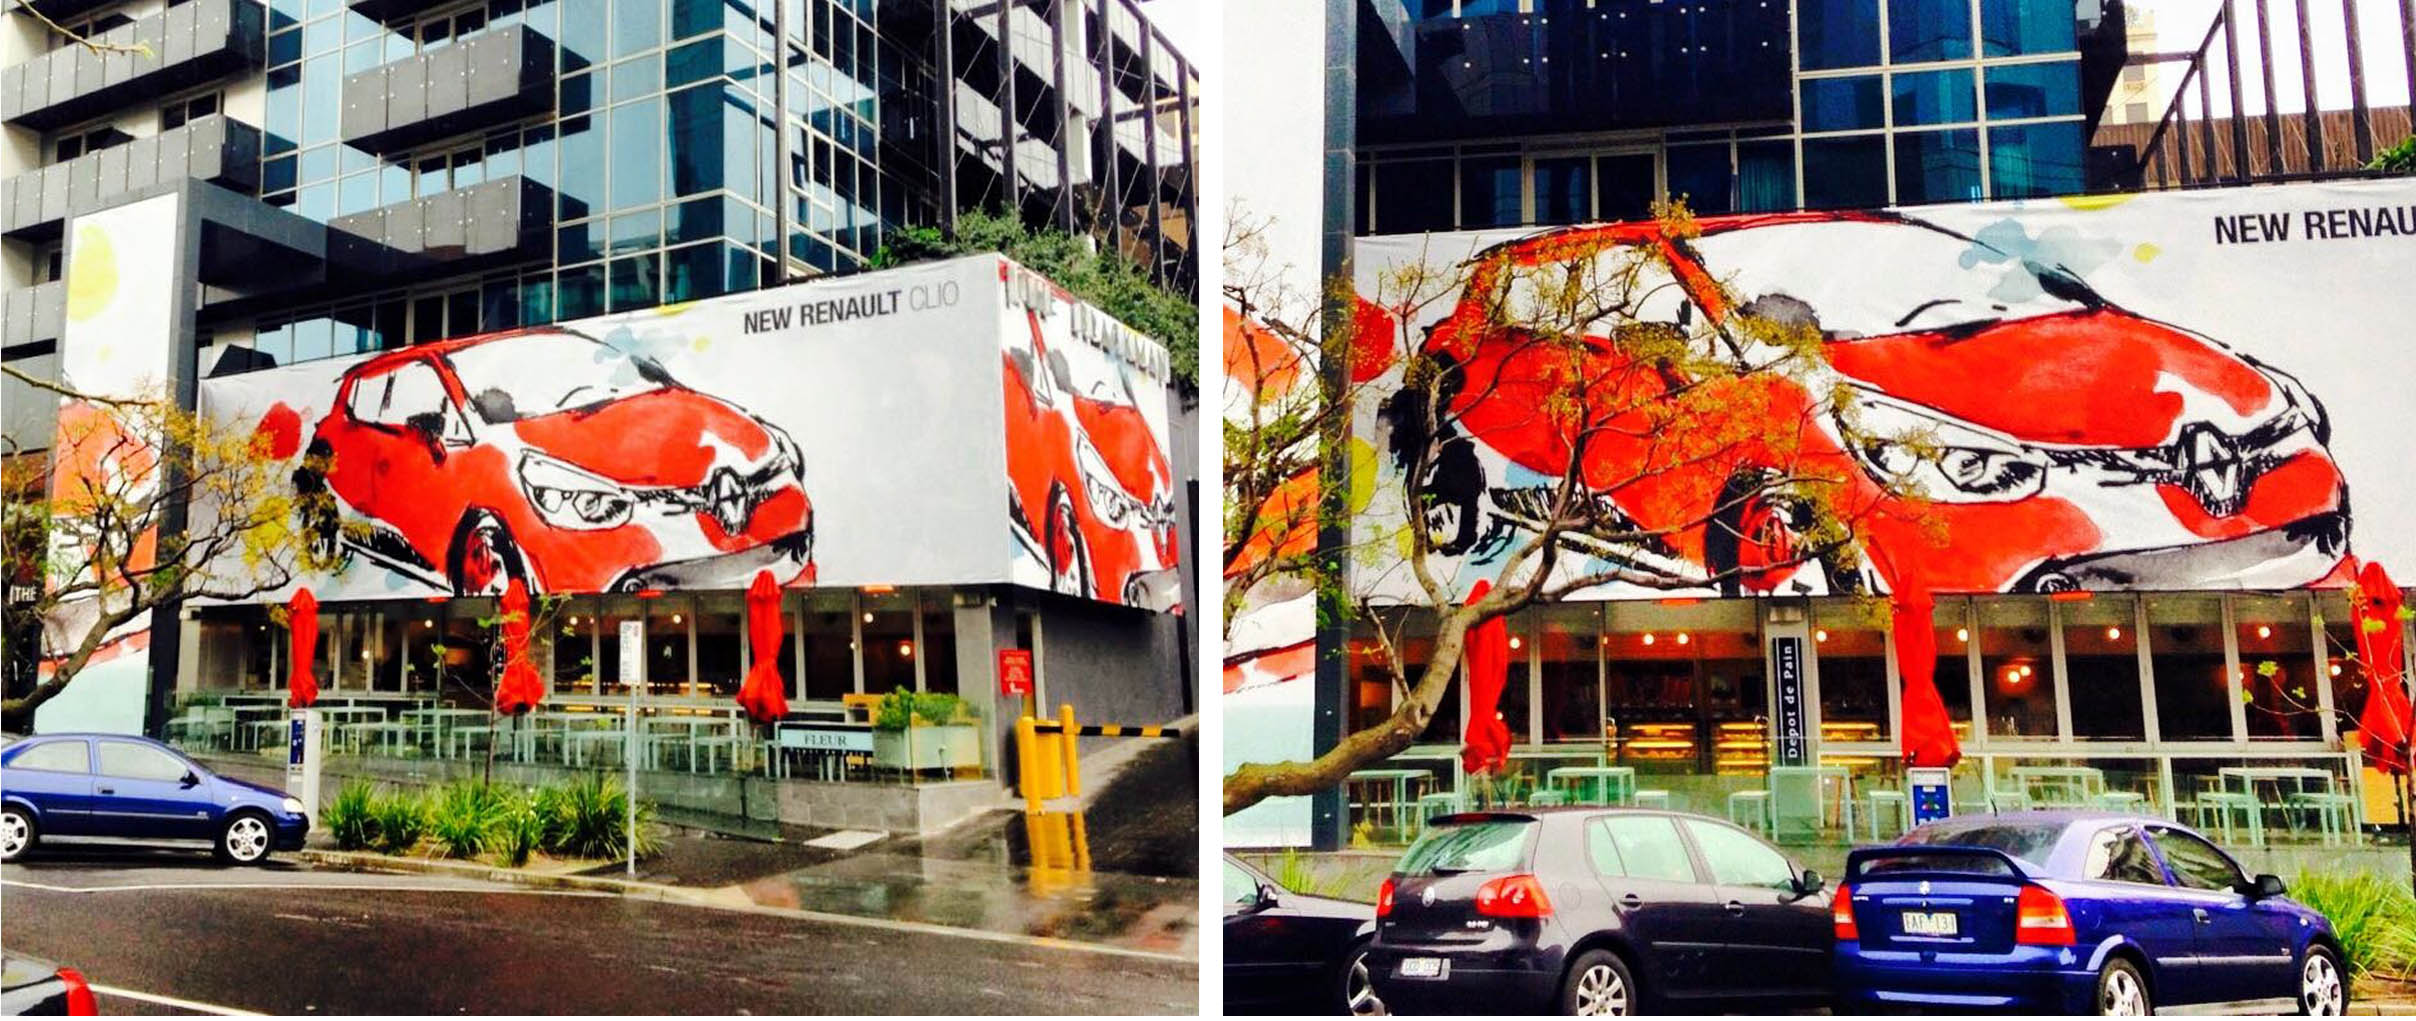 Renault x Blackman Hotel Mural Rebecca Wetzler